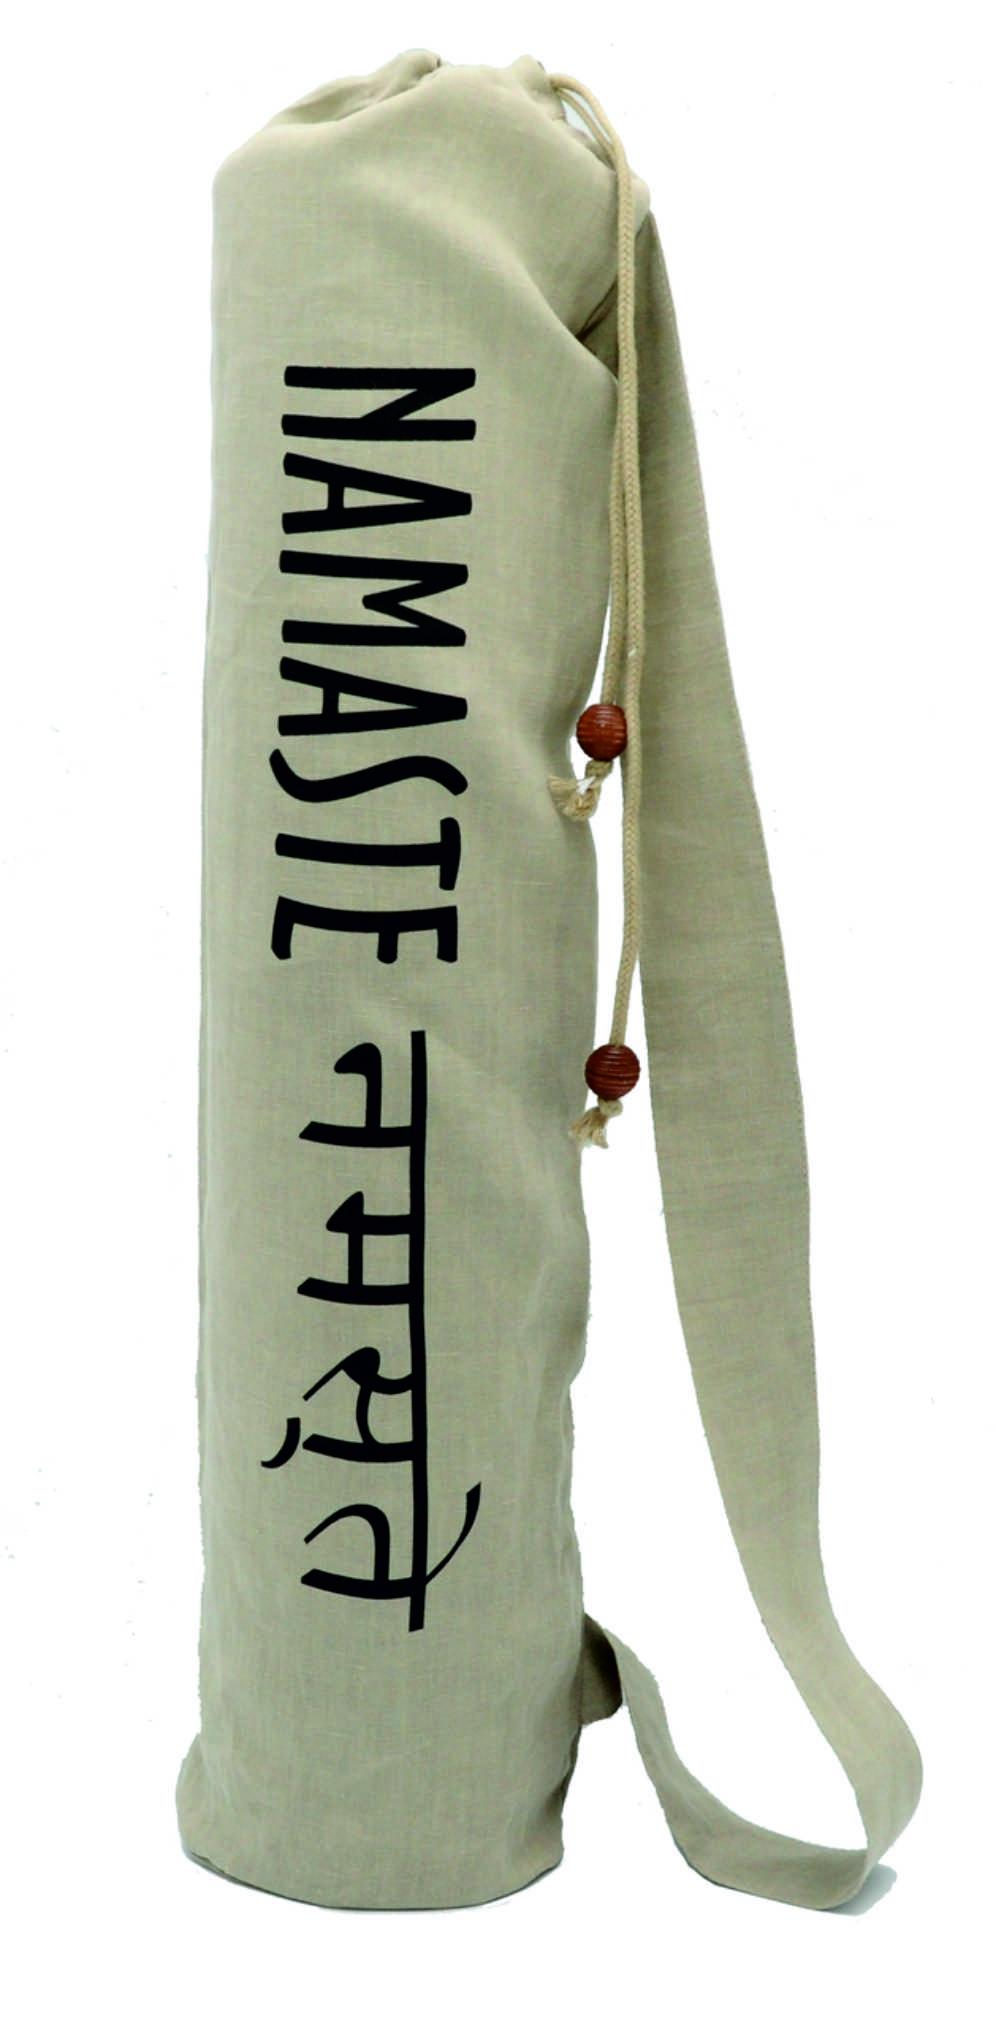 Чехол для коврика Namaste льняной (Нет, 15 см, 70 см, бежевый)